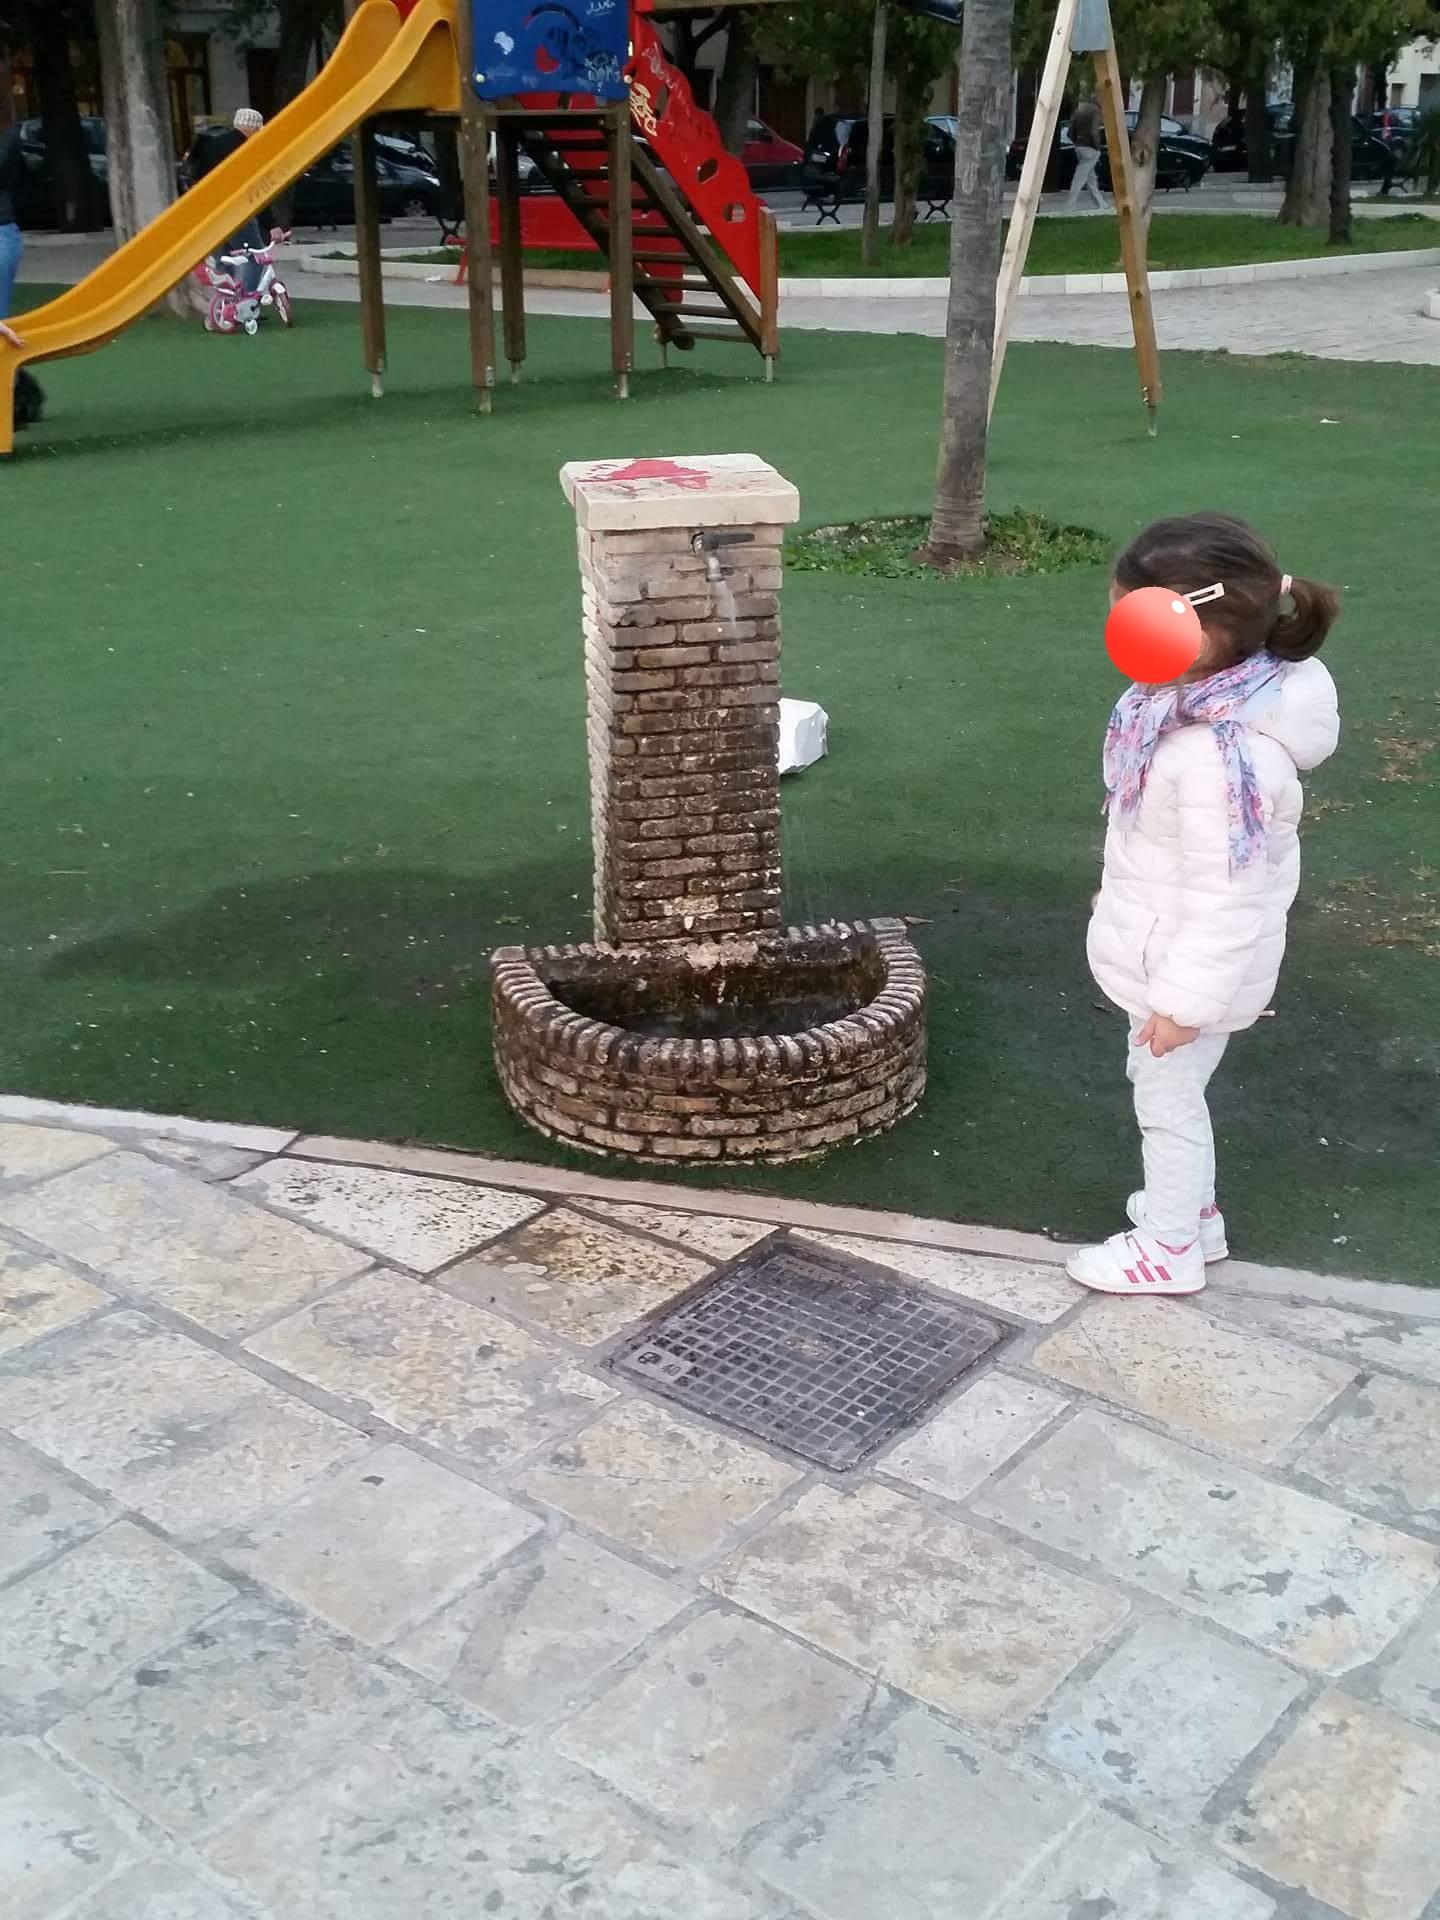 UFFICIO RECLAMI – Chiudete definitivamente quella fontana